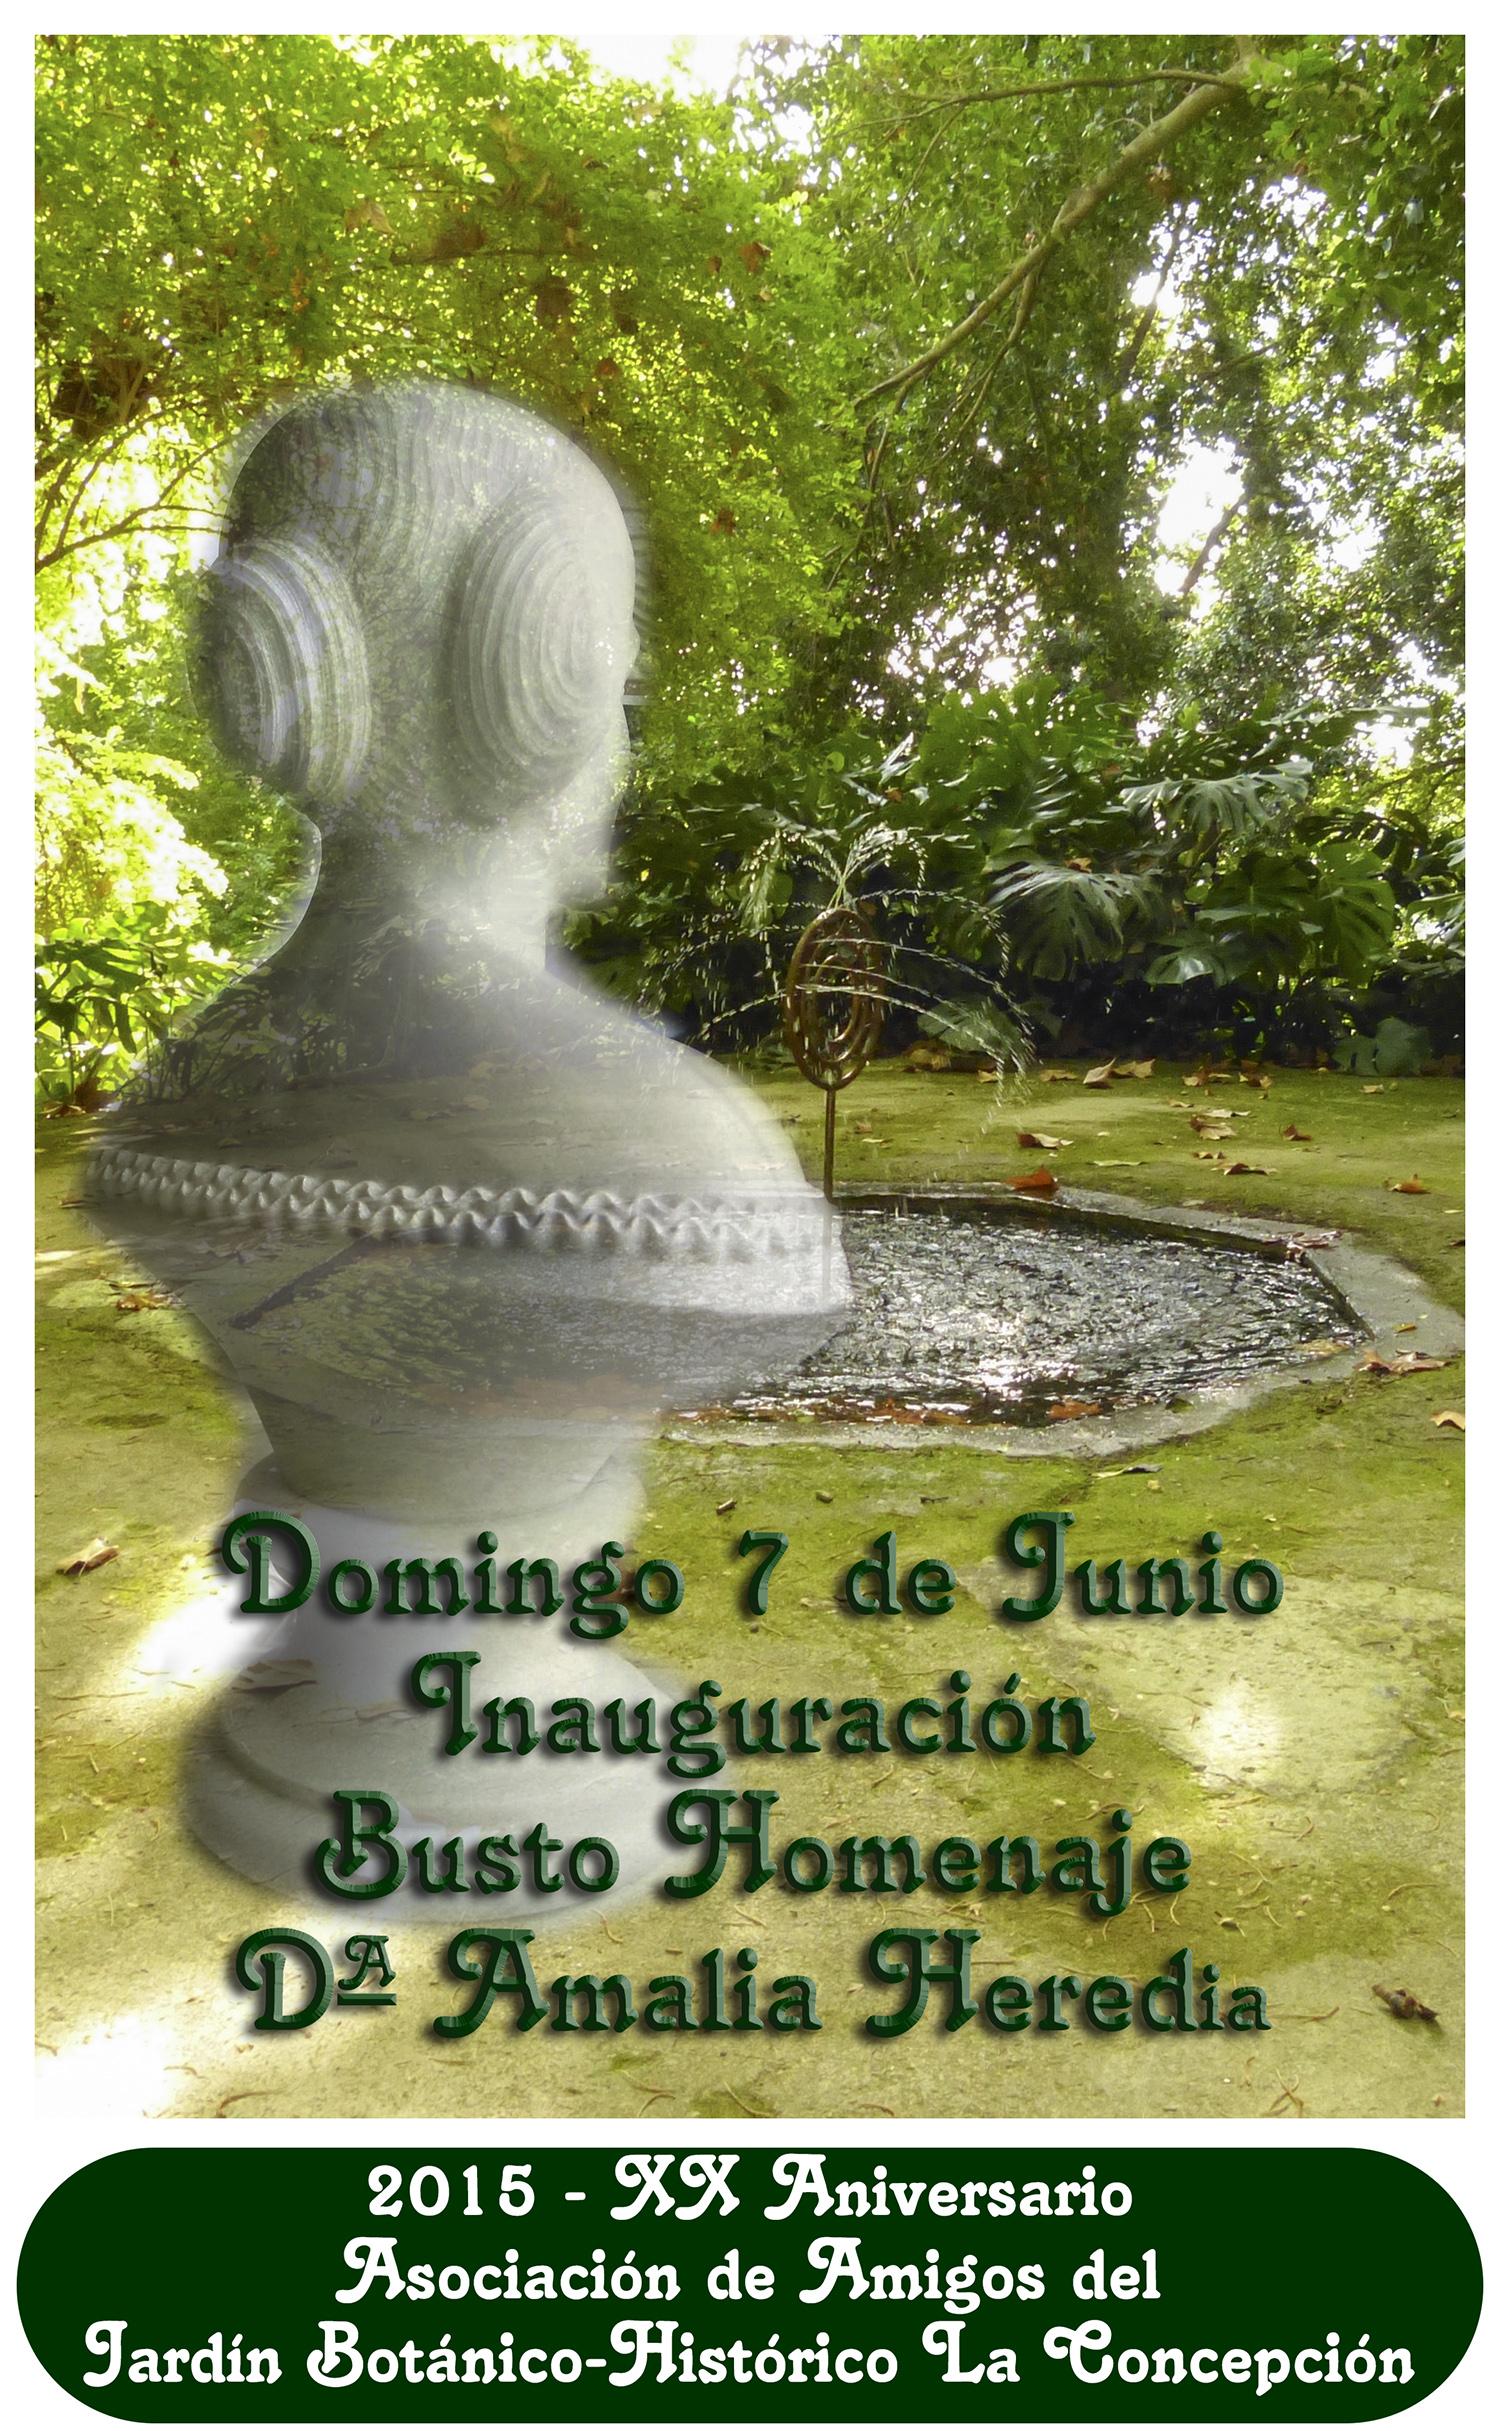 Próxima inauguración: Busto-Homenaje Dª Amalia Heredia